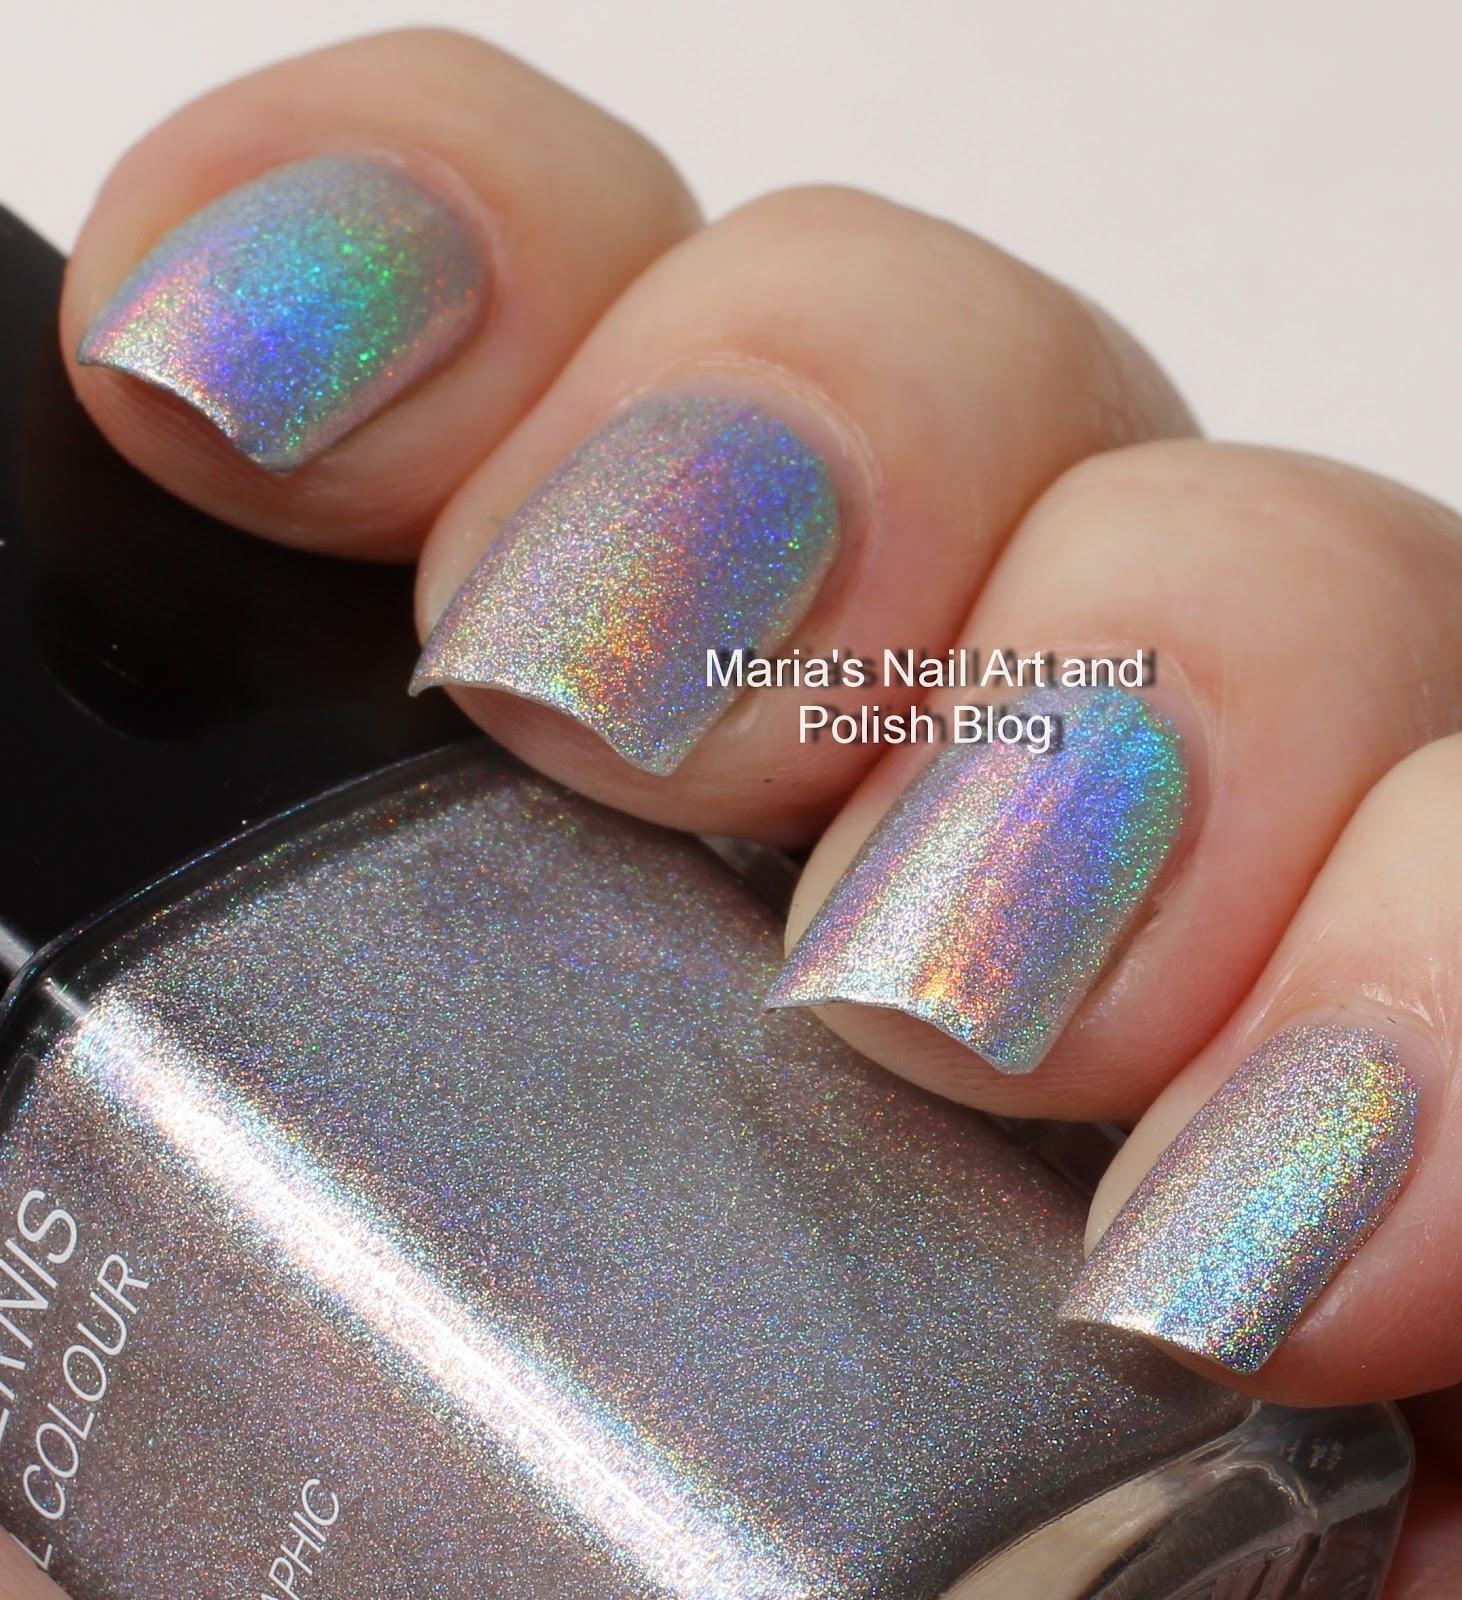 Marias Nail Art And Polish Blog: Silver Holographic Polish